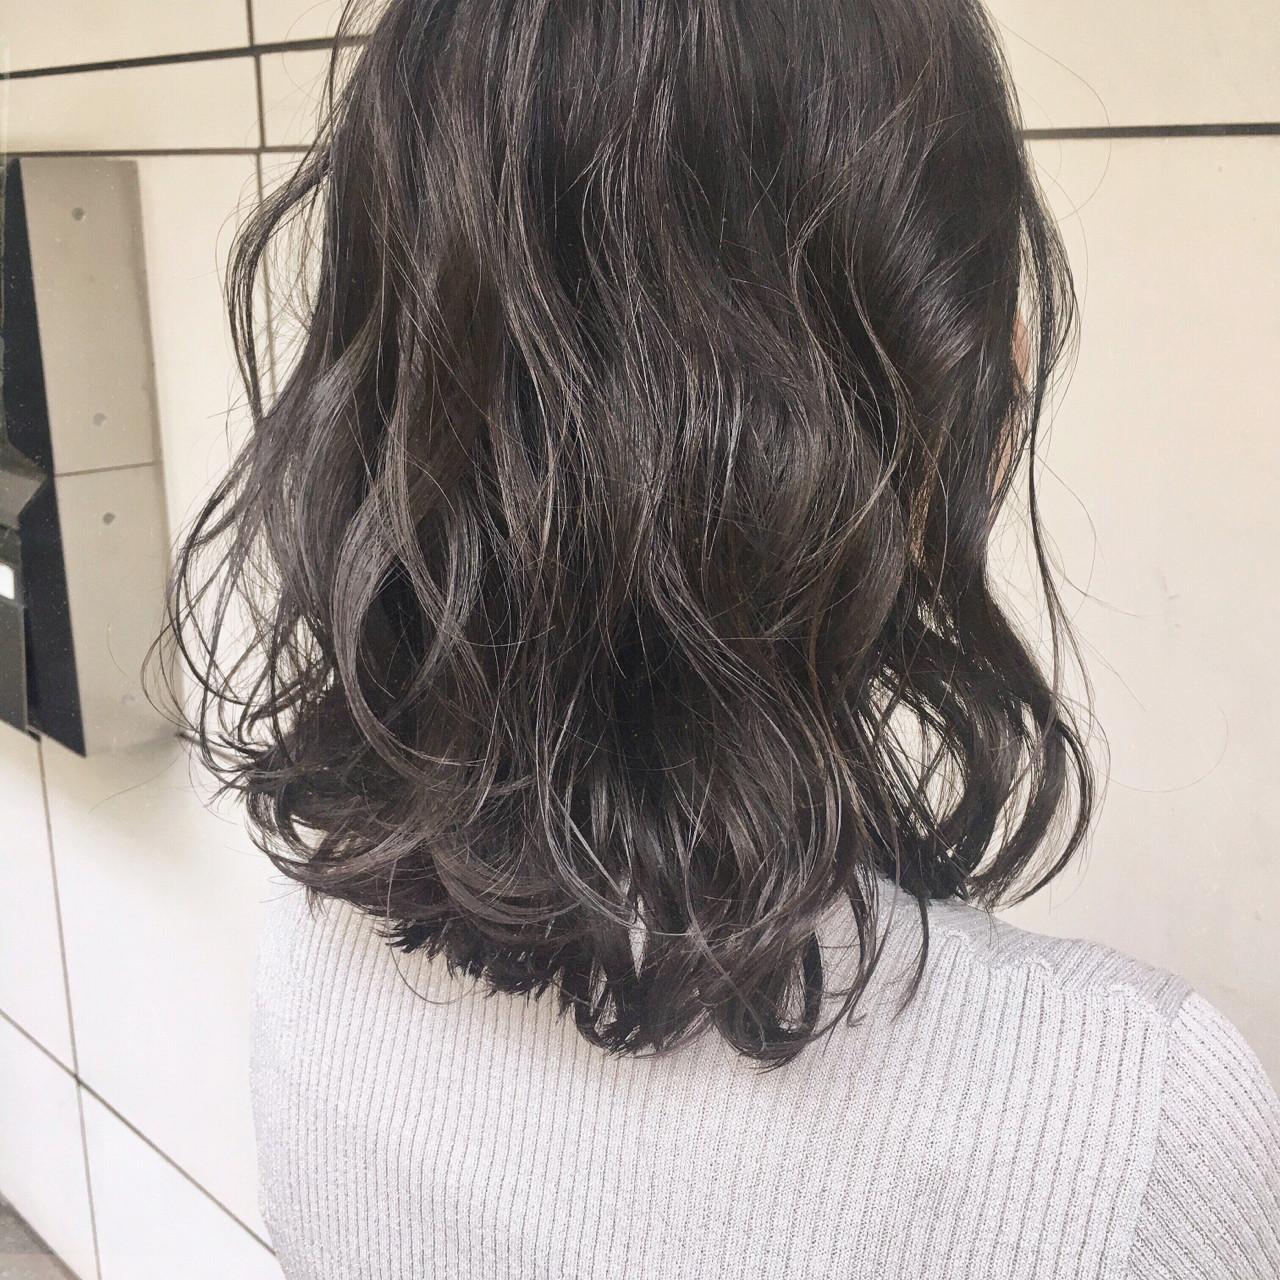 ミディアム アンニュイ フェミニン 大人かわいい ヘアスタイルや髪型の写真・画像